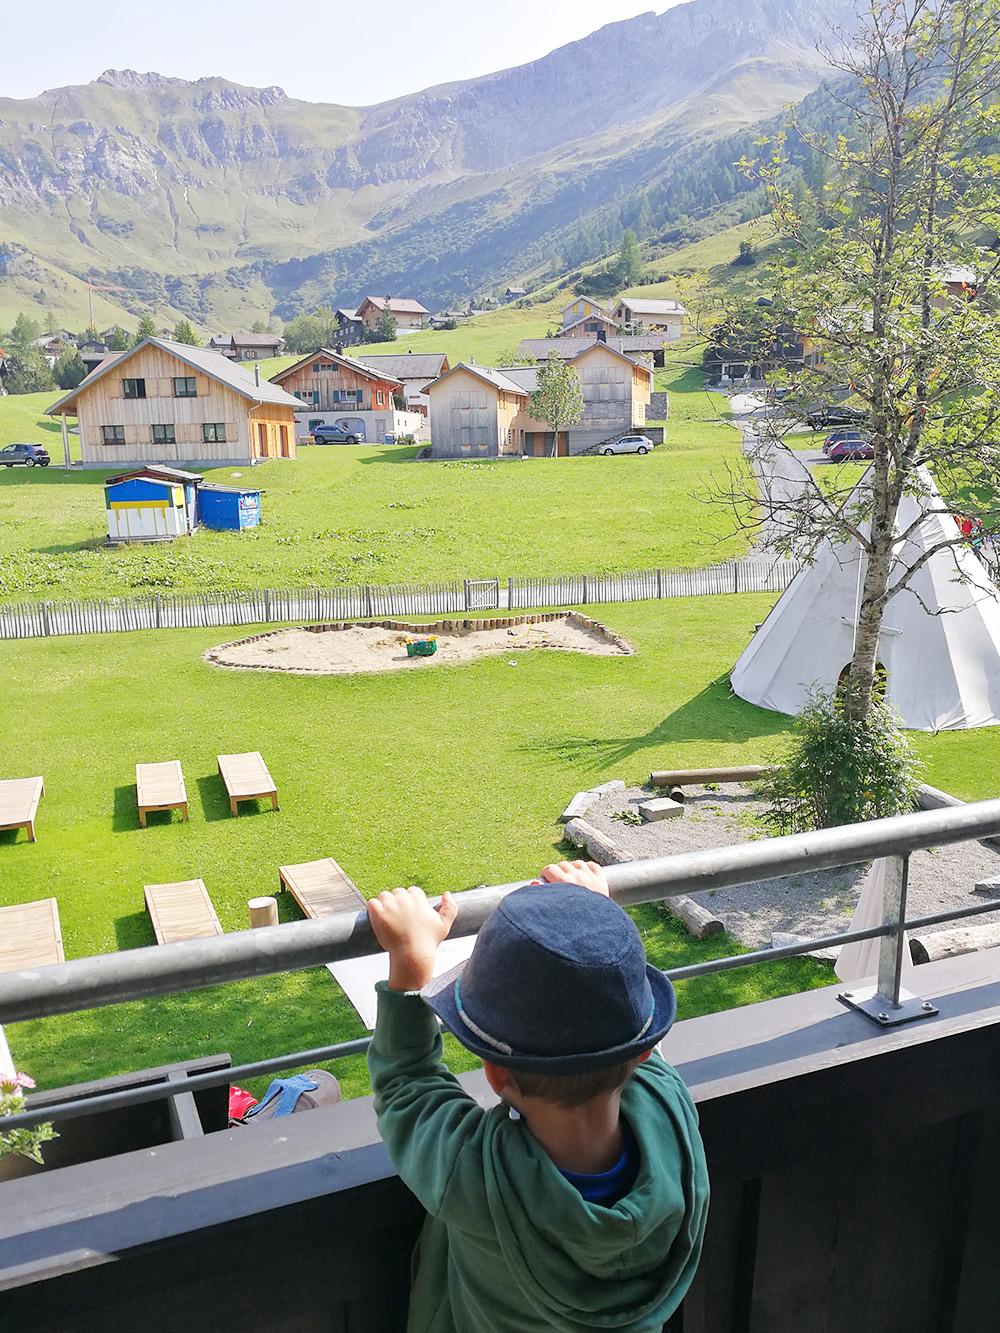 Gorfion das Familienhotel Blick vom Balkon auf den Garten mit Spielplatz